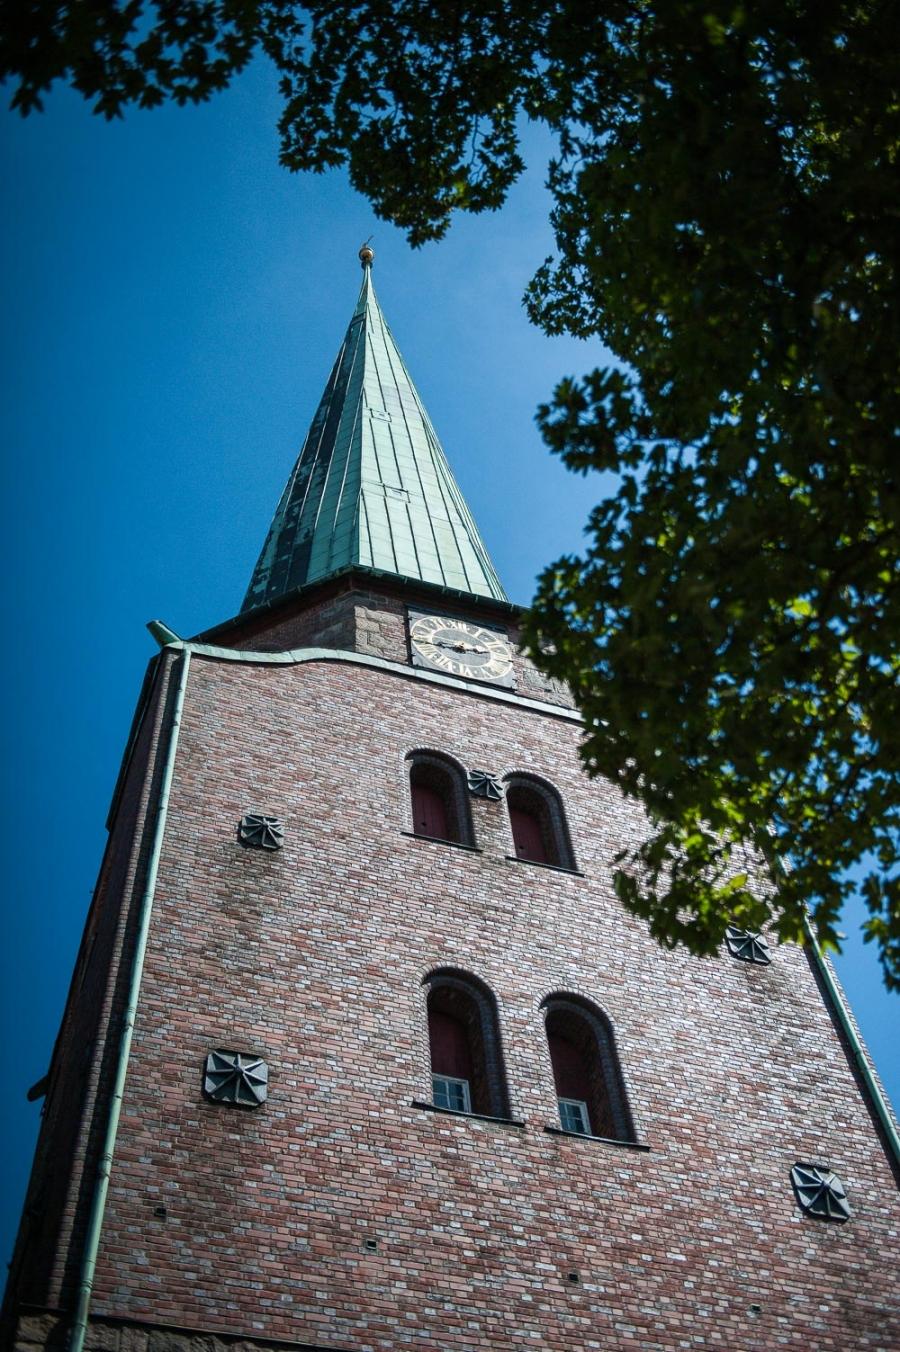 Hochzeit-Fotograf-Villa-Mare-Travemuende-Ostsee-Luebeck-Timmendorfer-Strand.0002 Hochzeit Fotograf Villa Mare Travemünde Ostsee Lübeck Timmendorfer Strand